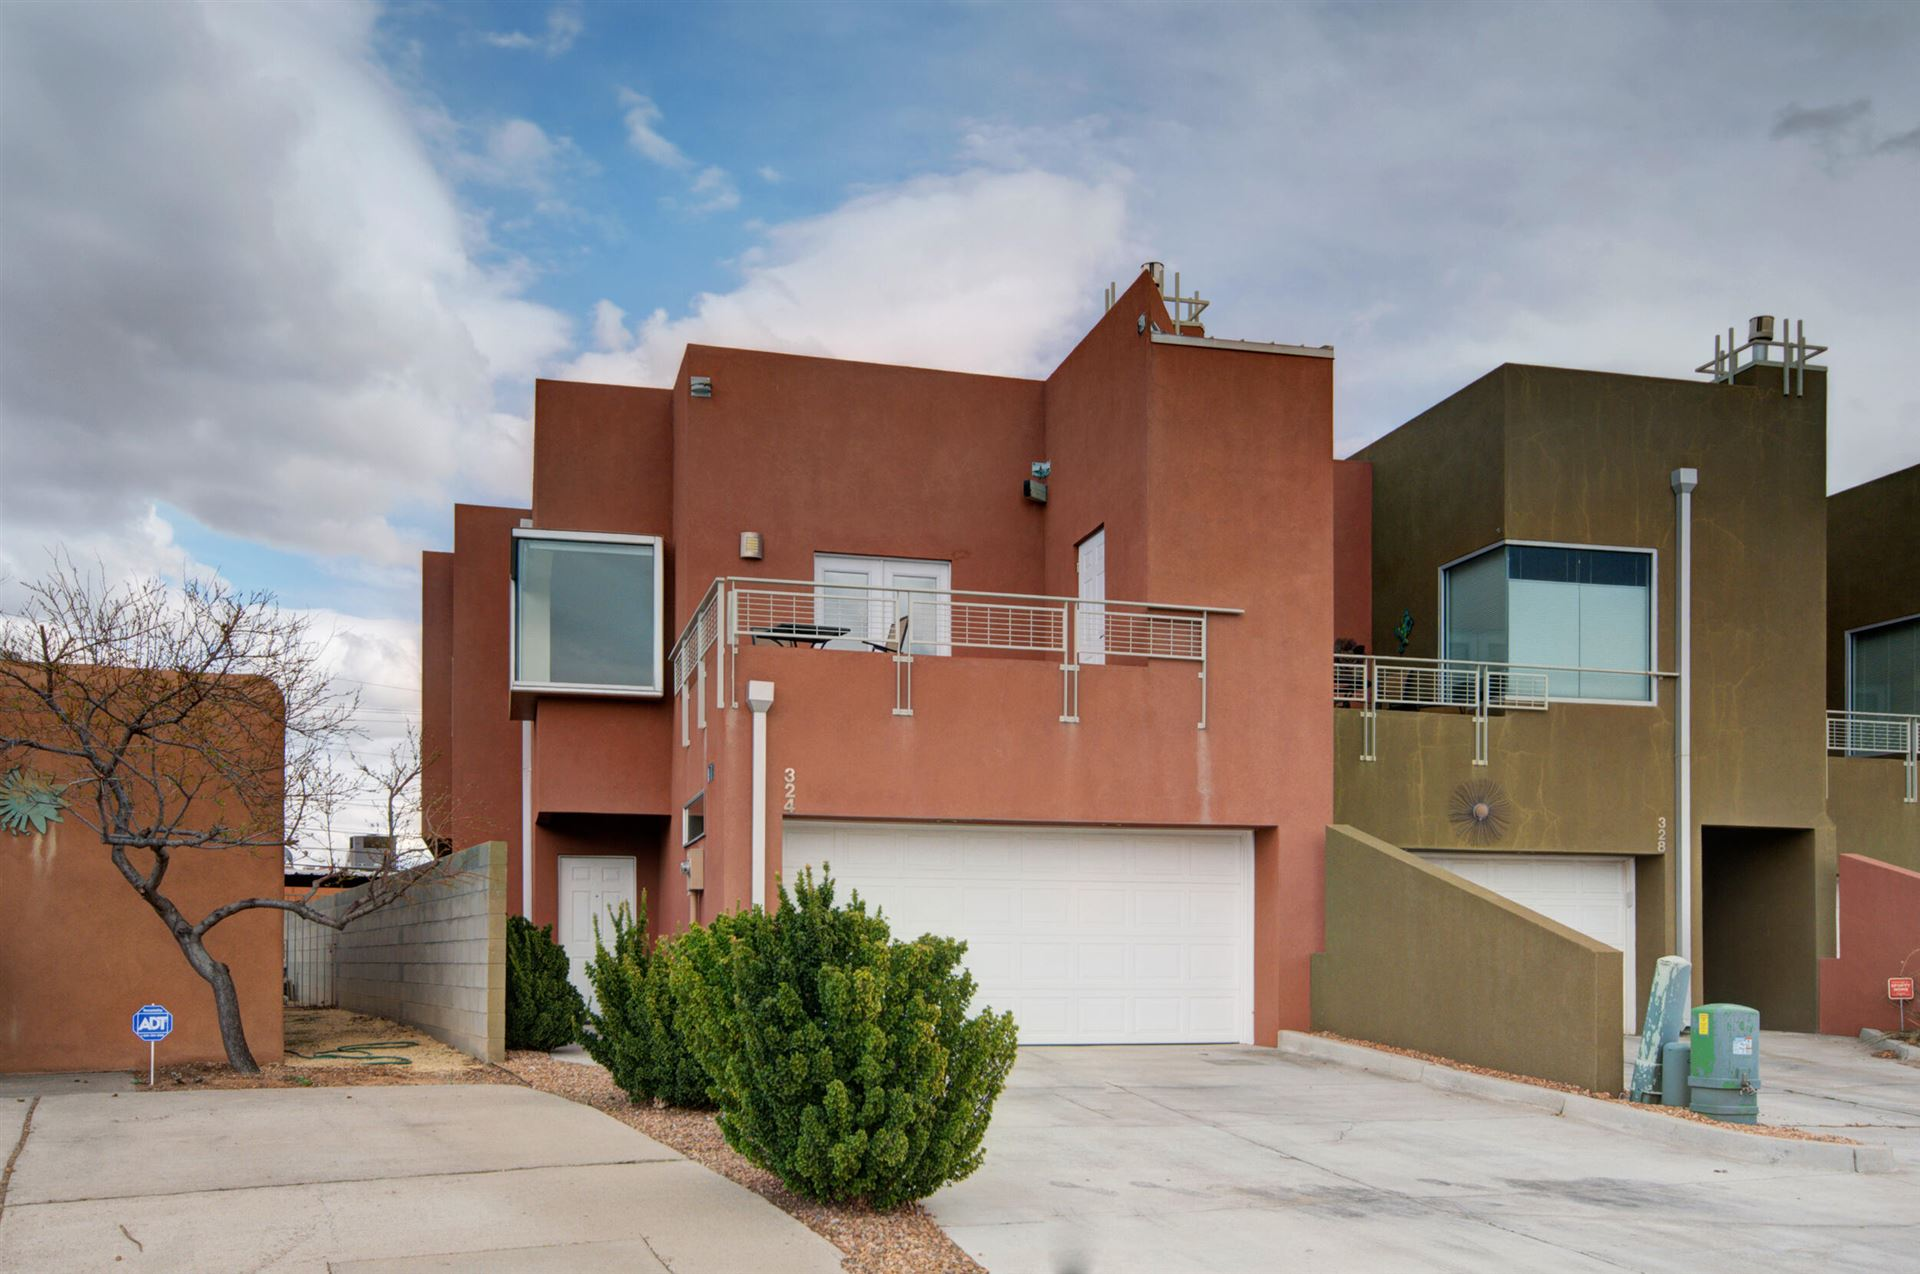 324 VALVERDE Drive SE, Albuquerque, NM 87108 - MLS#: 989547